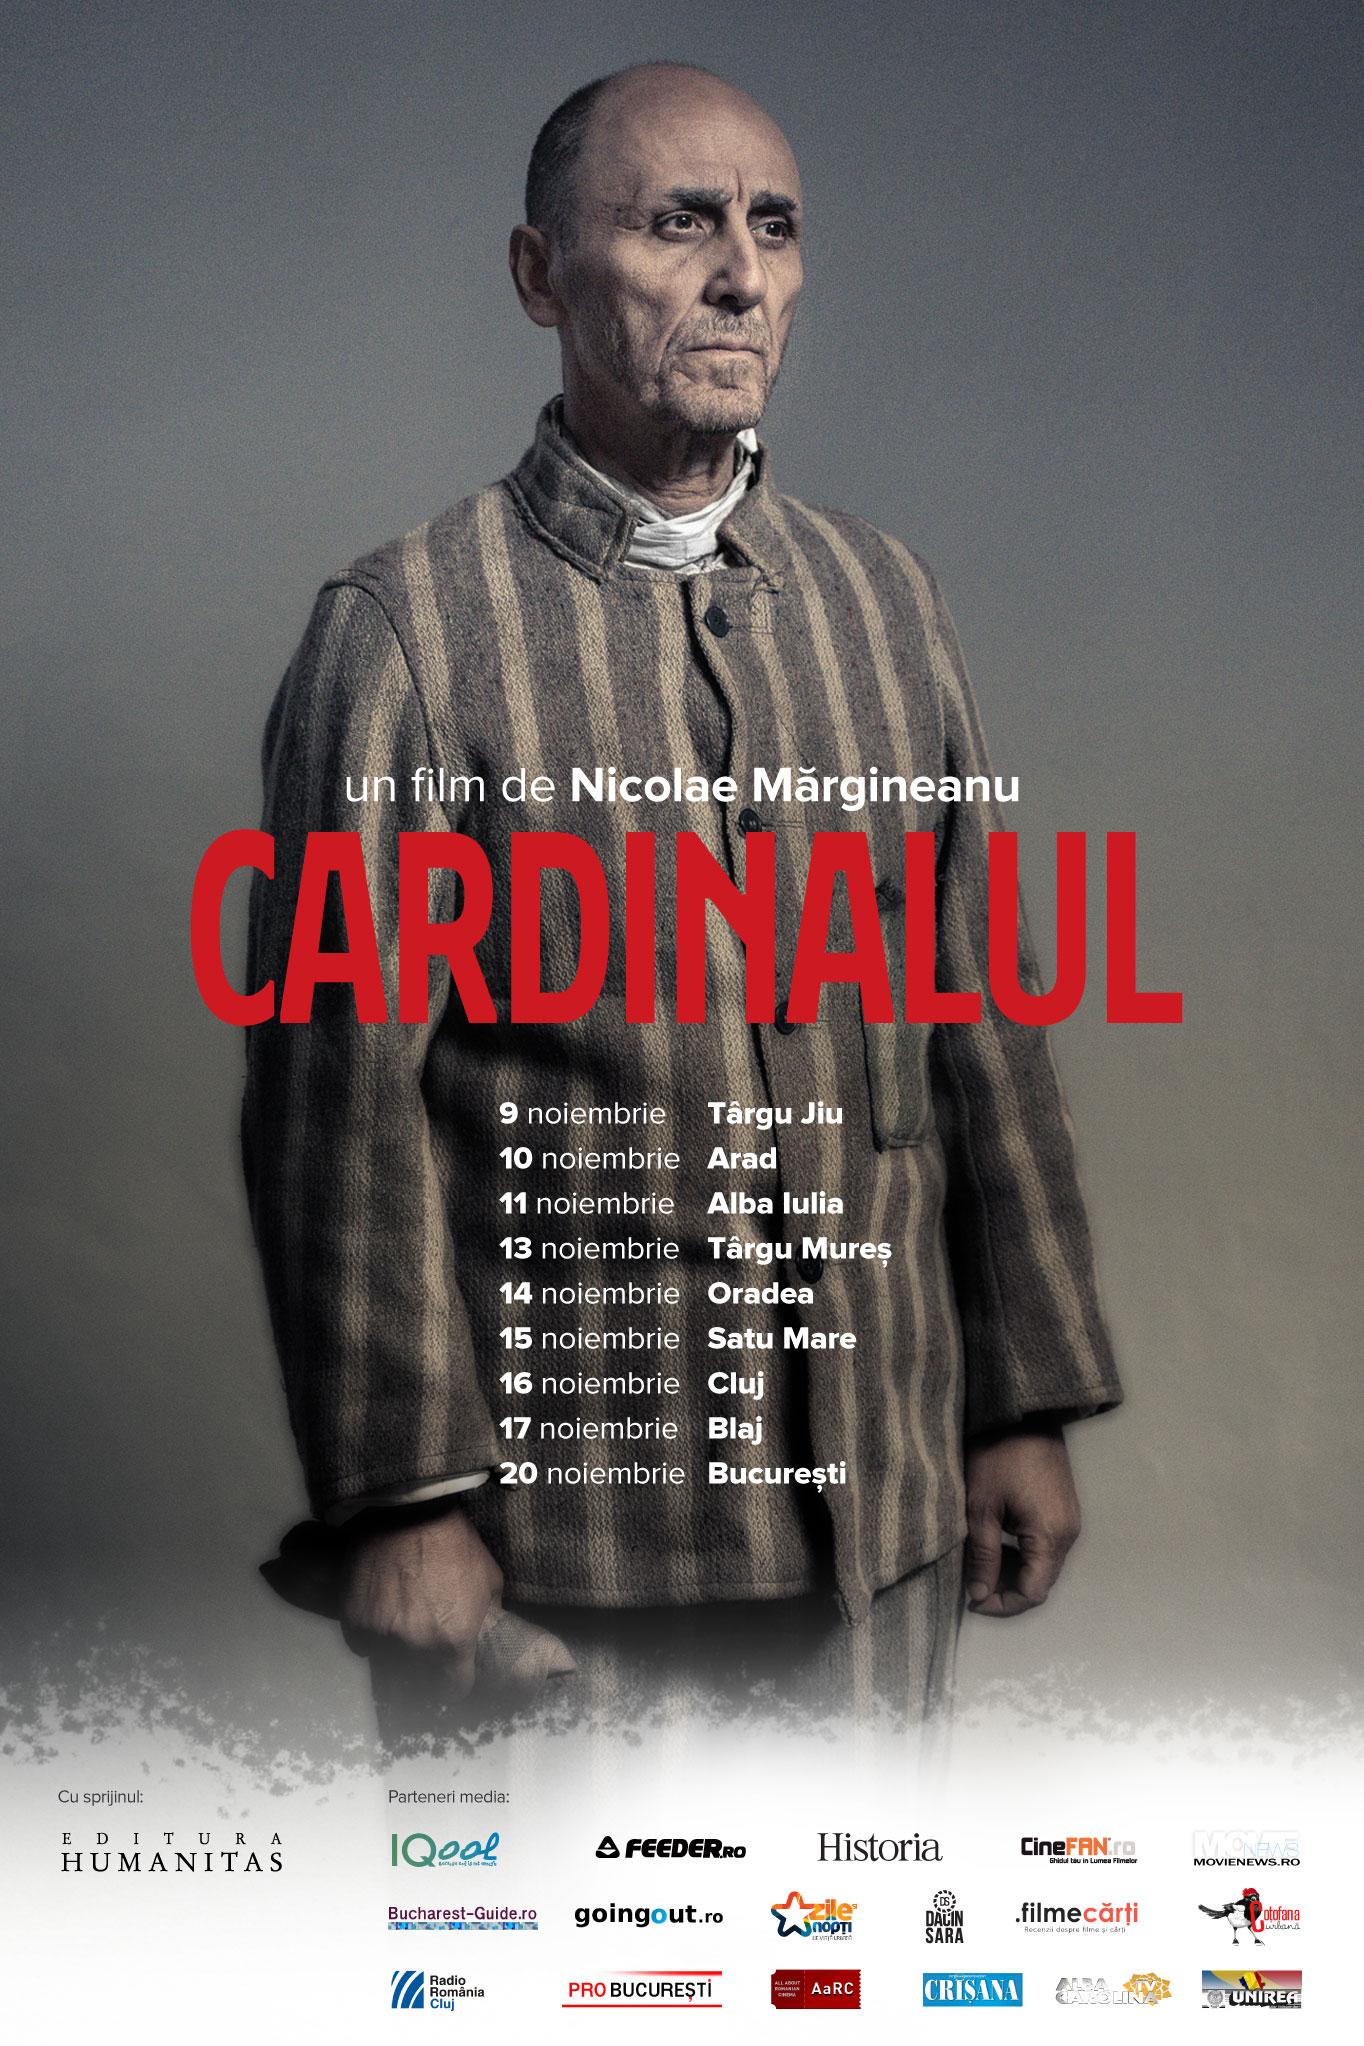 Cardinalul (2019) - Photo